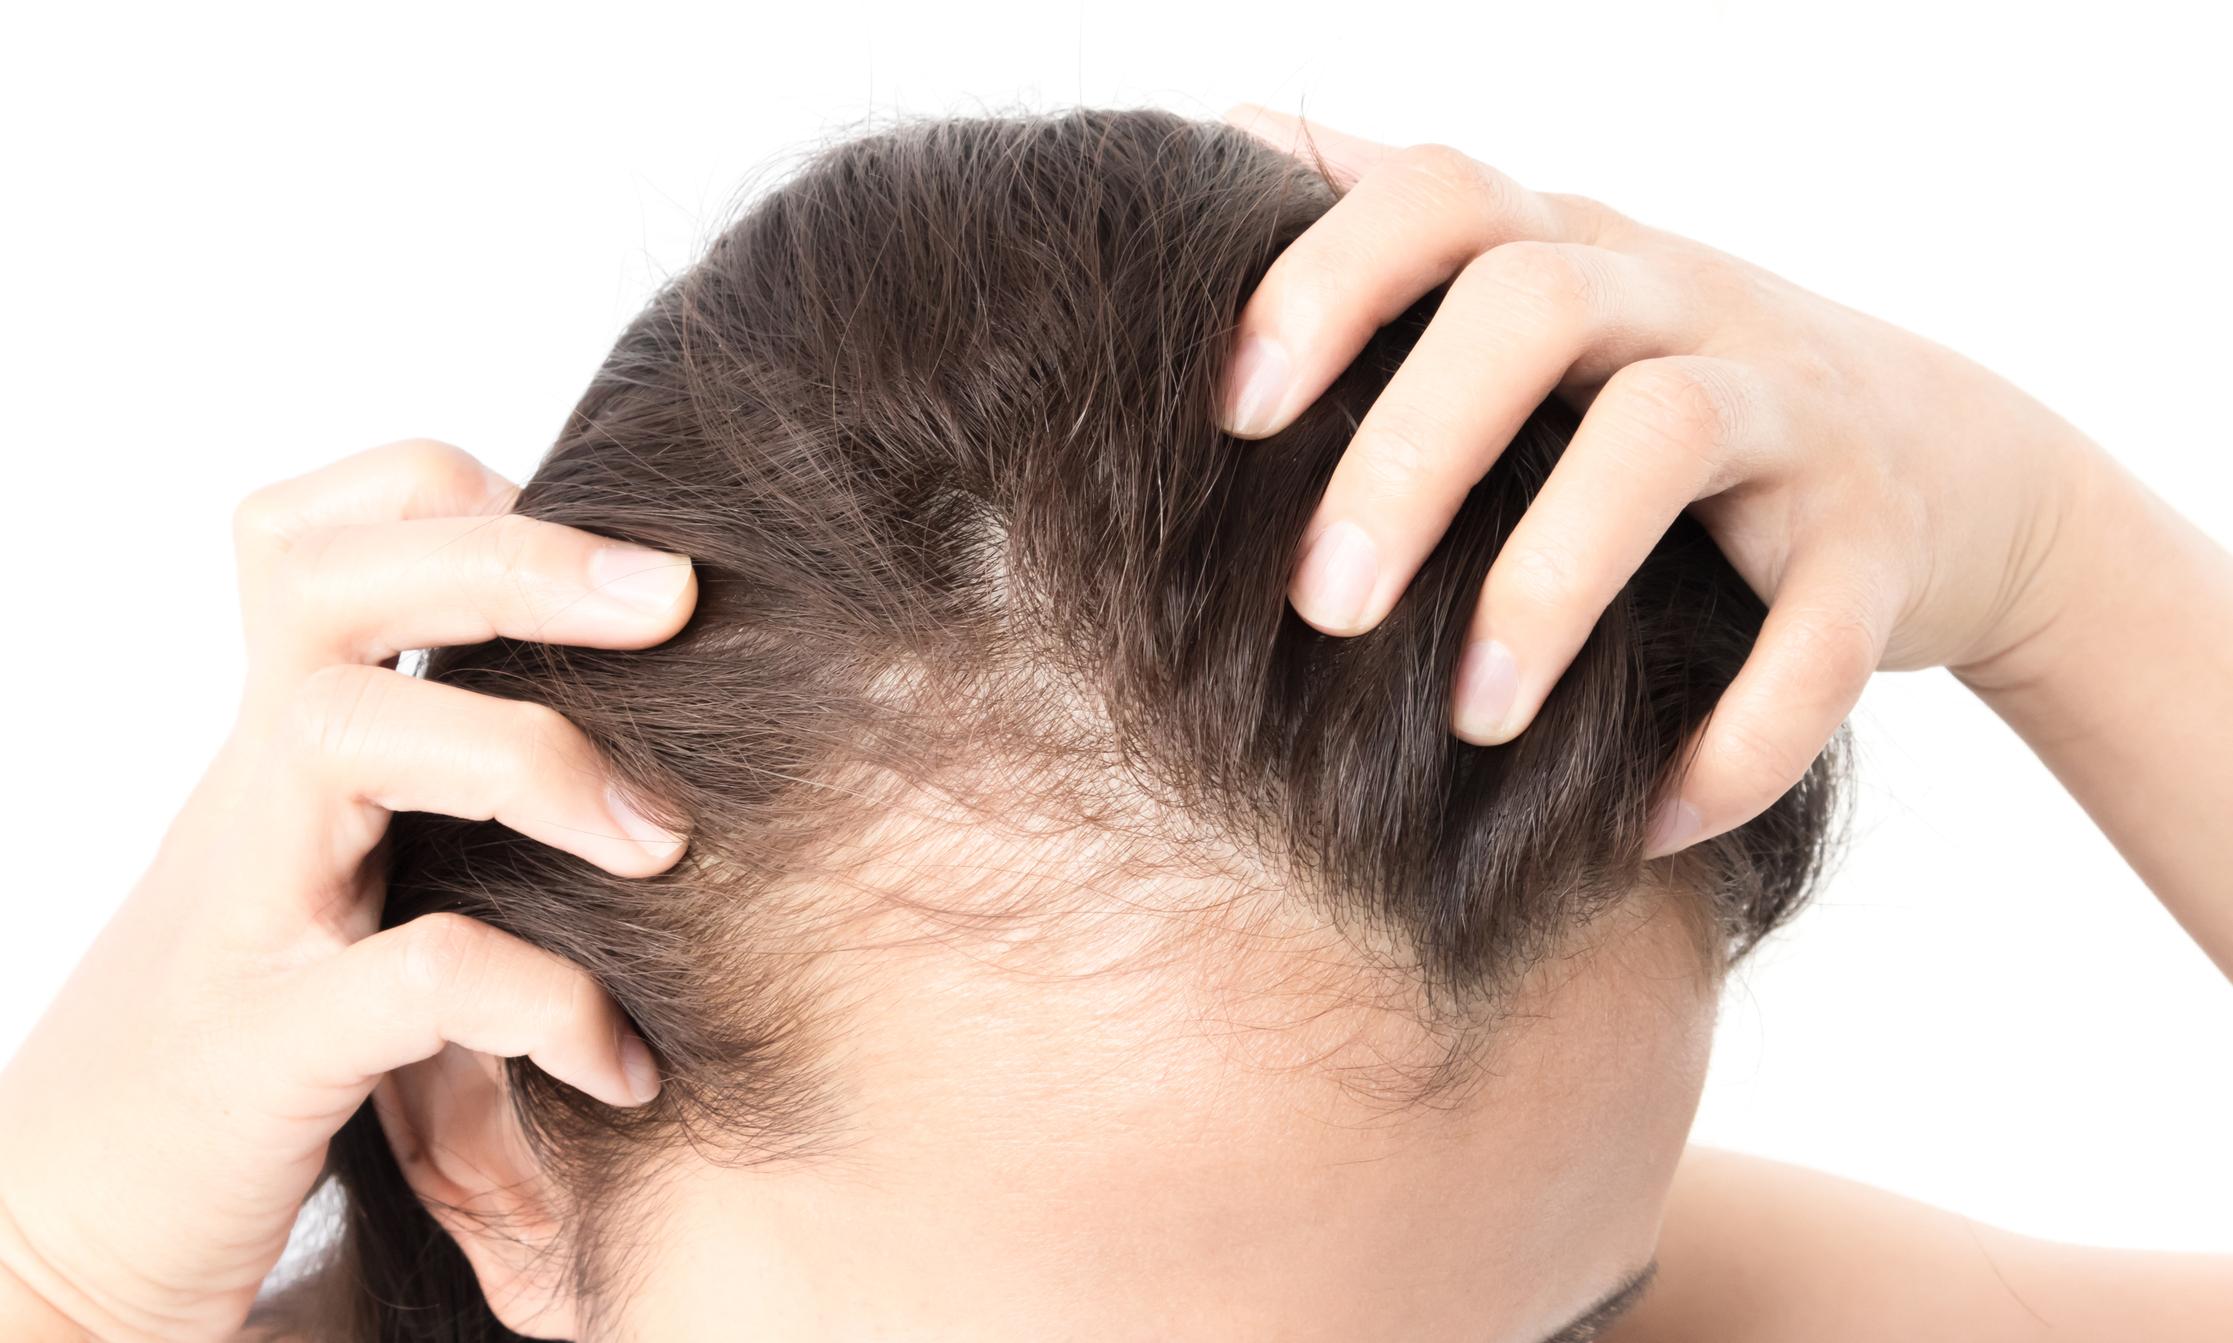 Jak pielęgnować skórę głowy po mikropigmentacji?